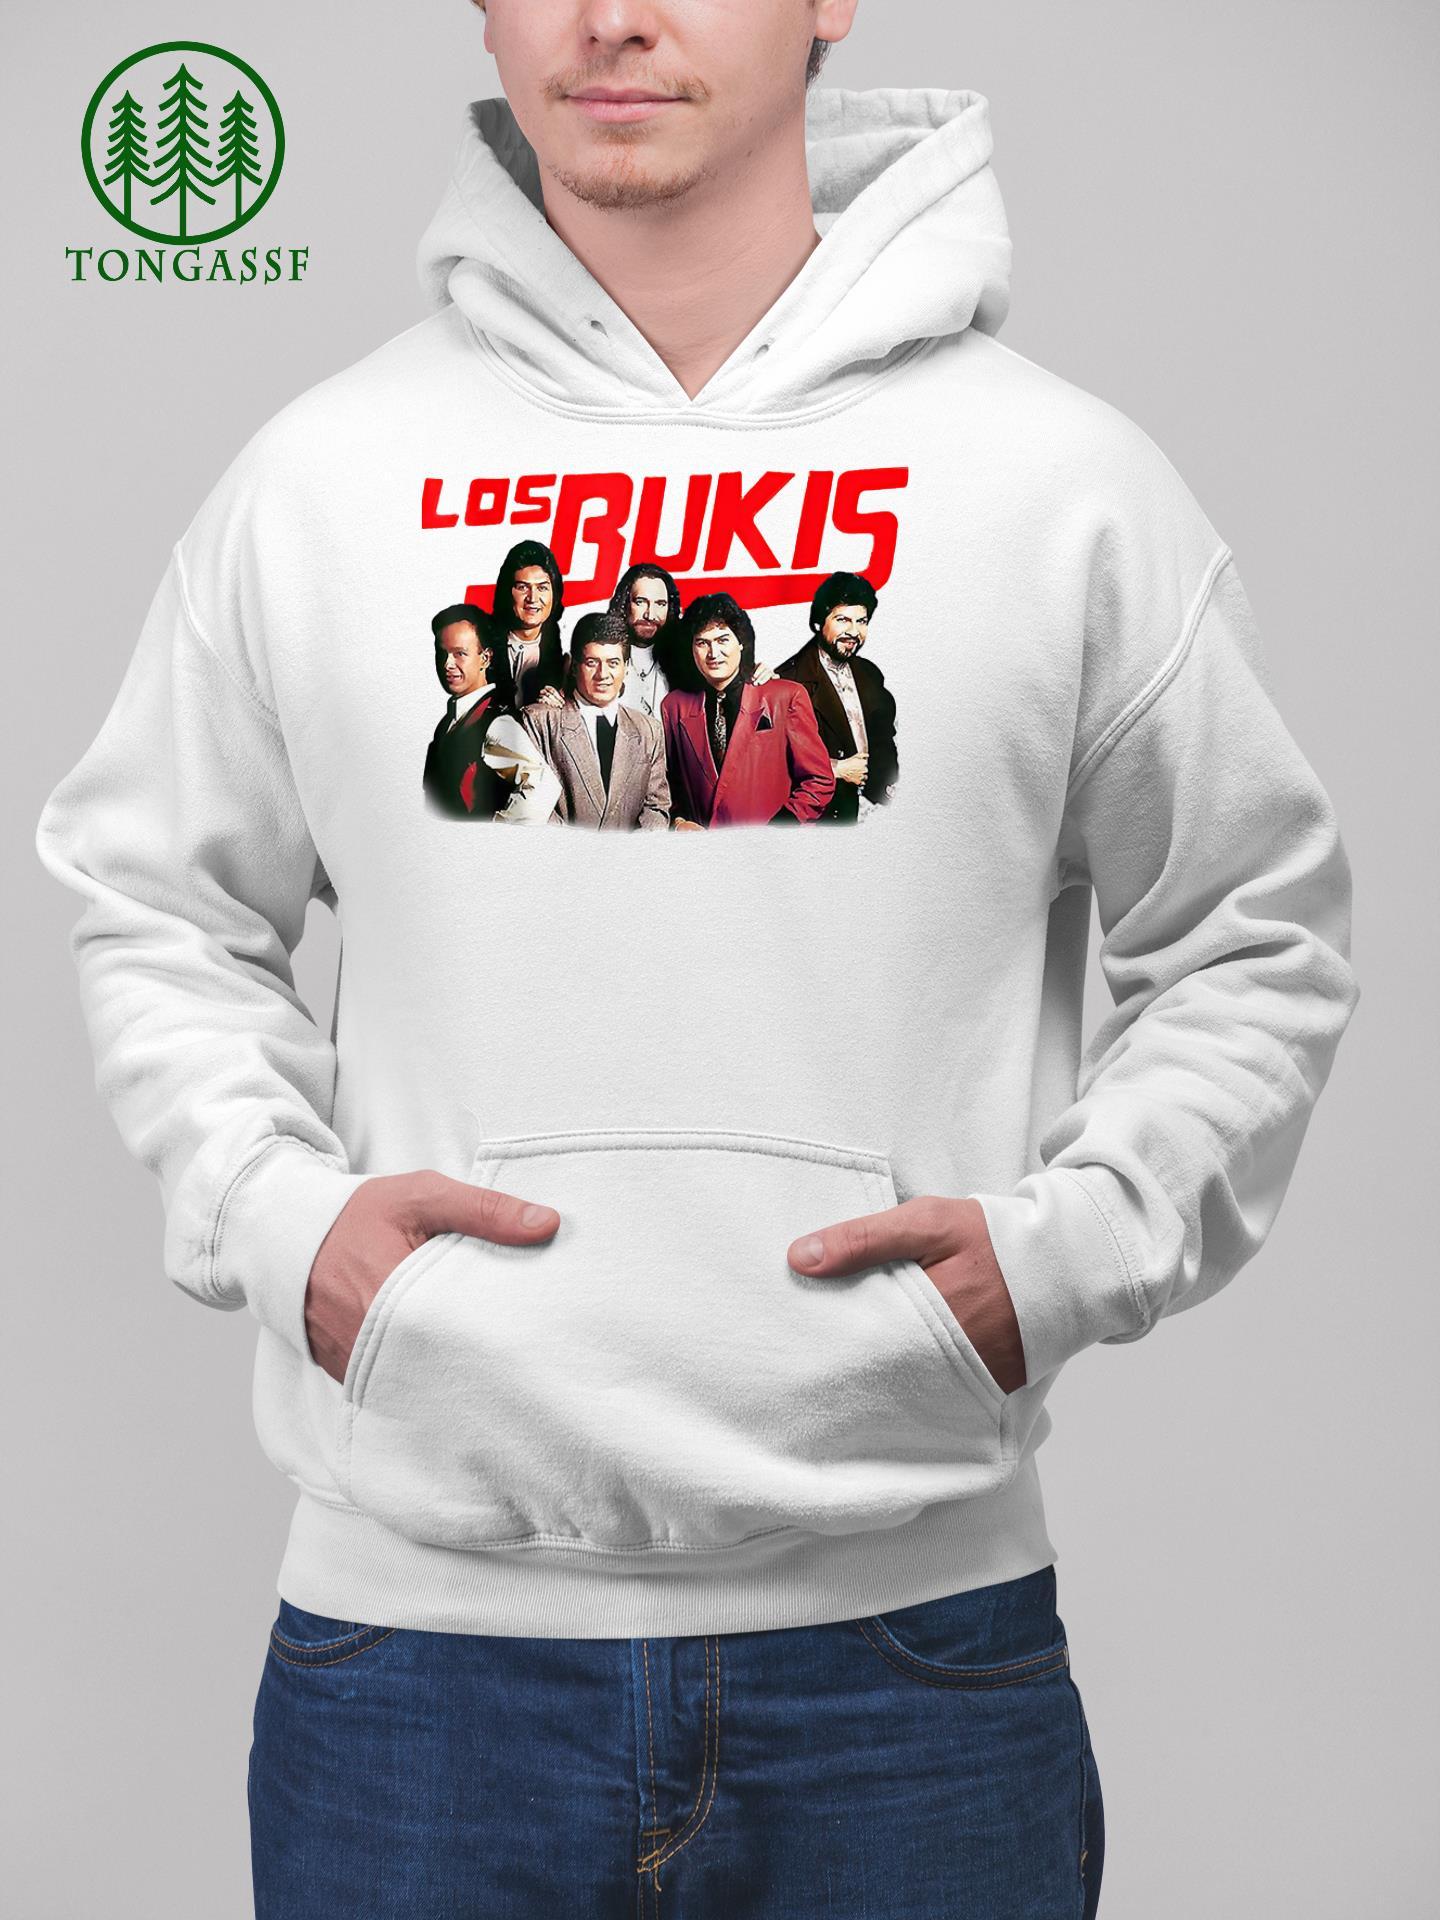 Los Bukis Mexican Grupera band